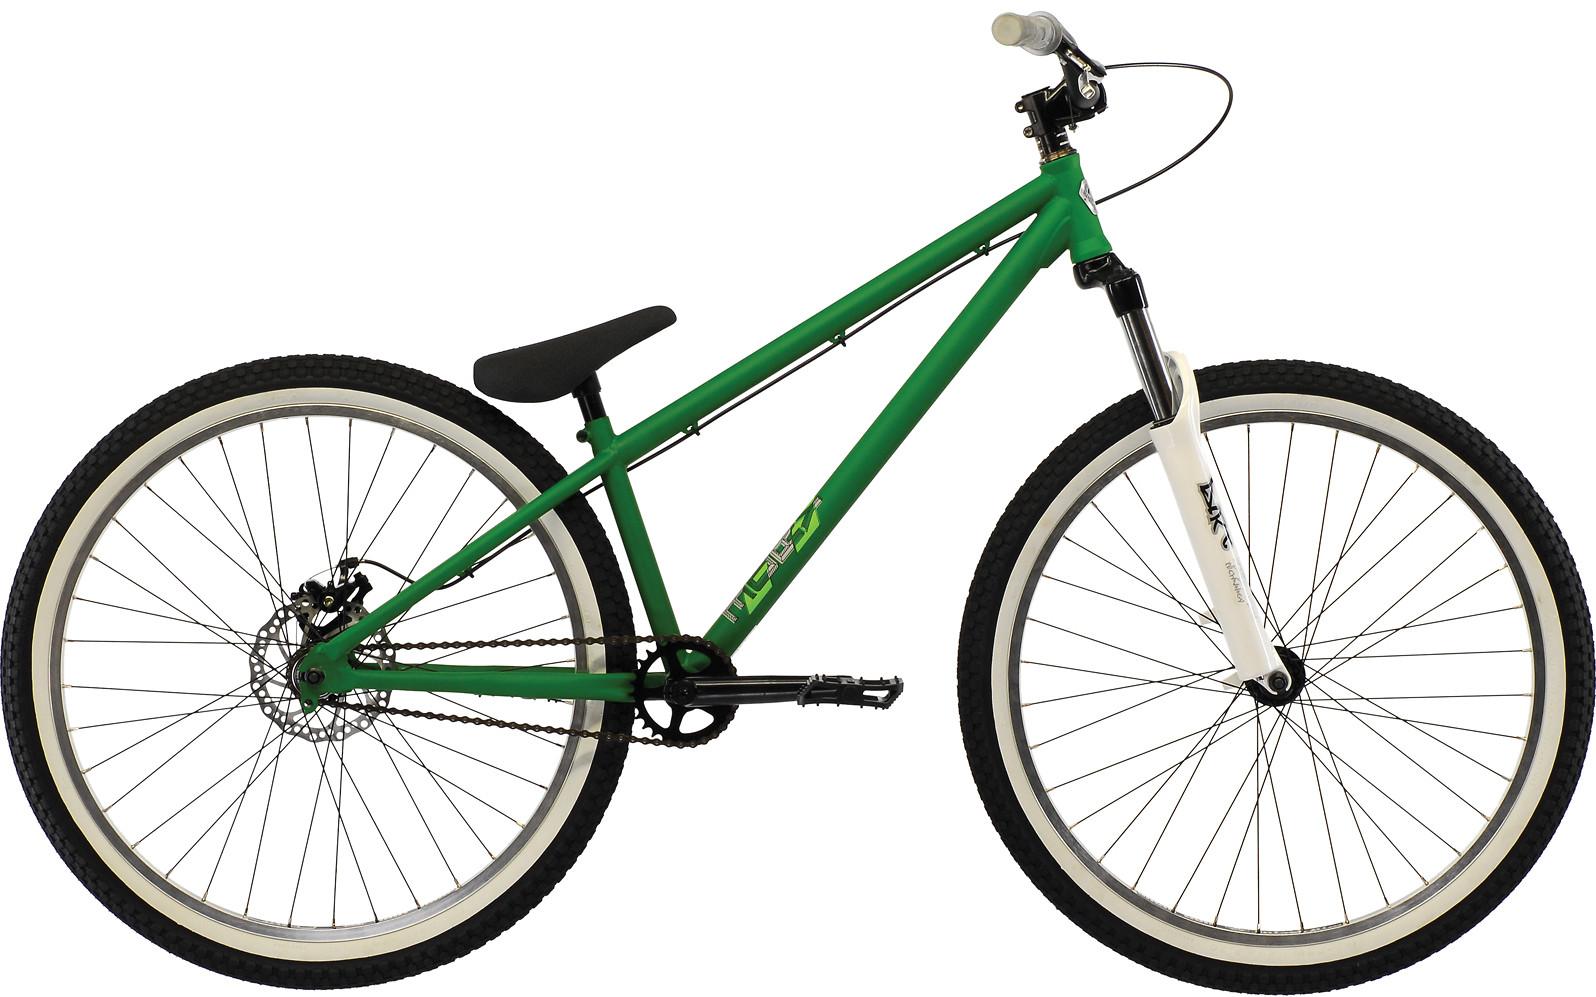 064182-13-01-ryde-green